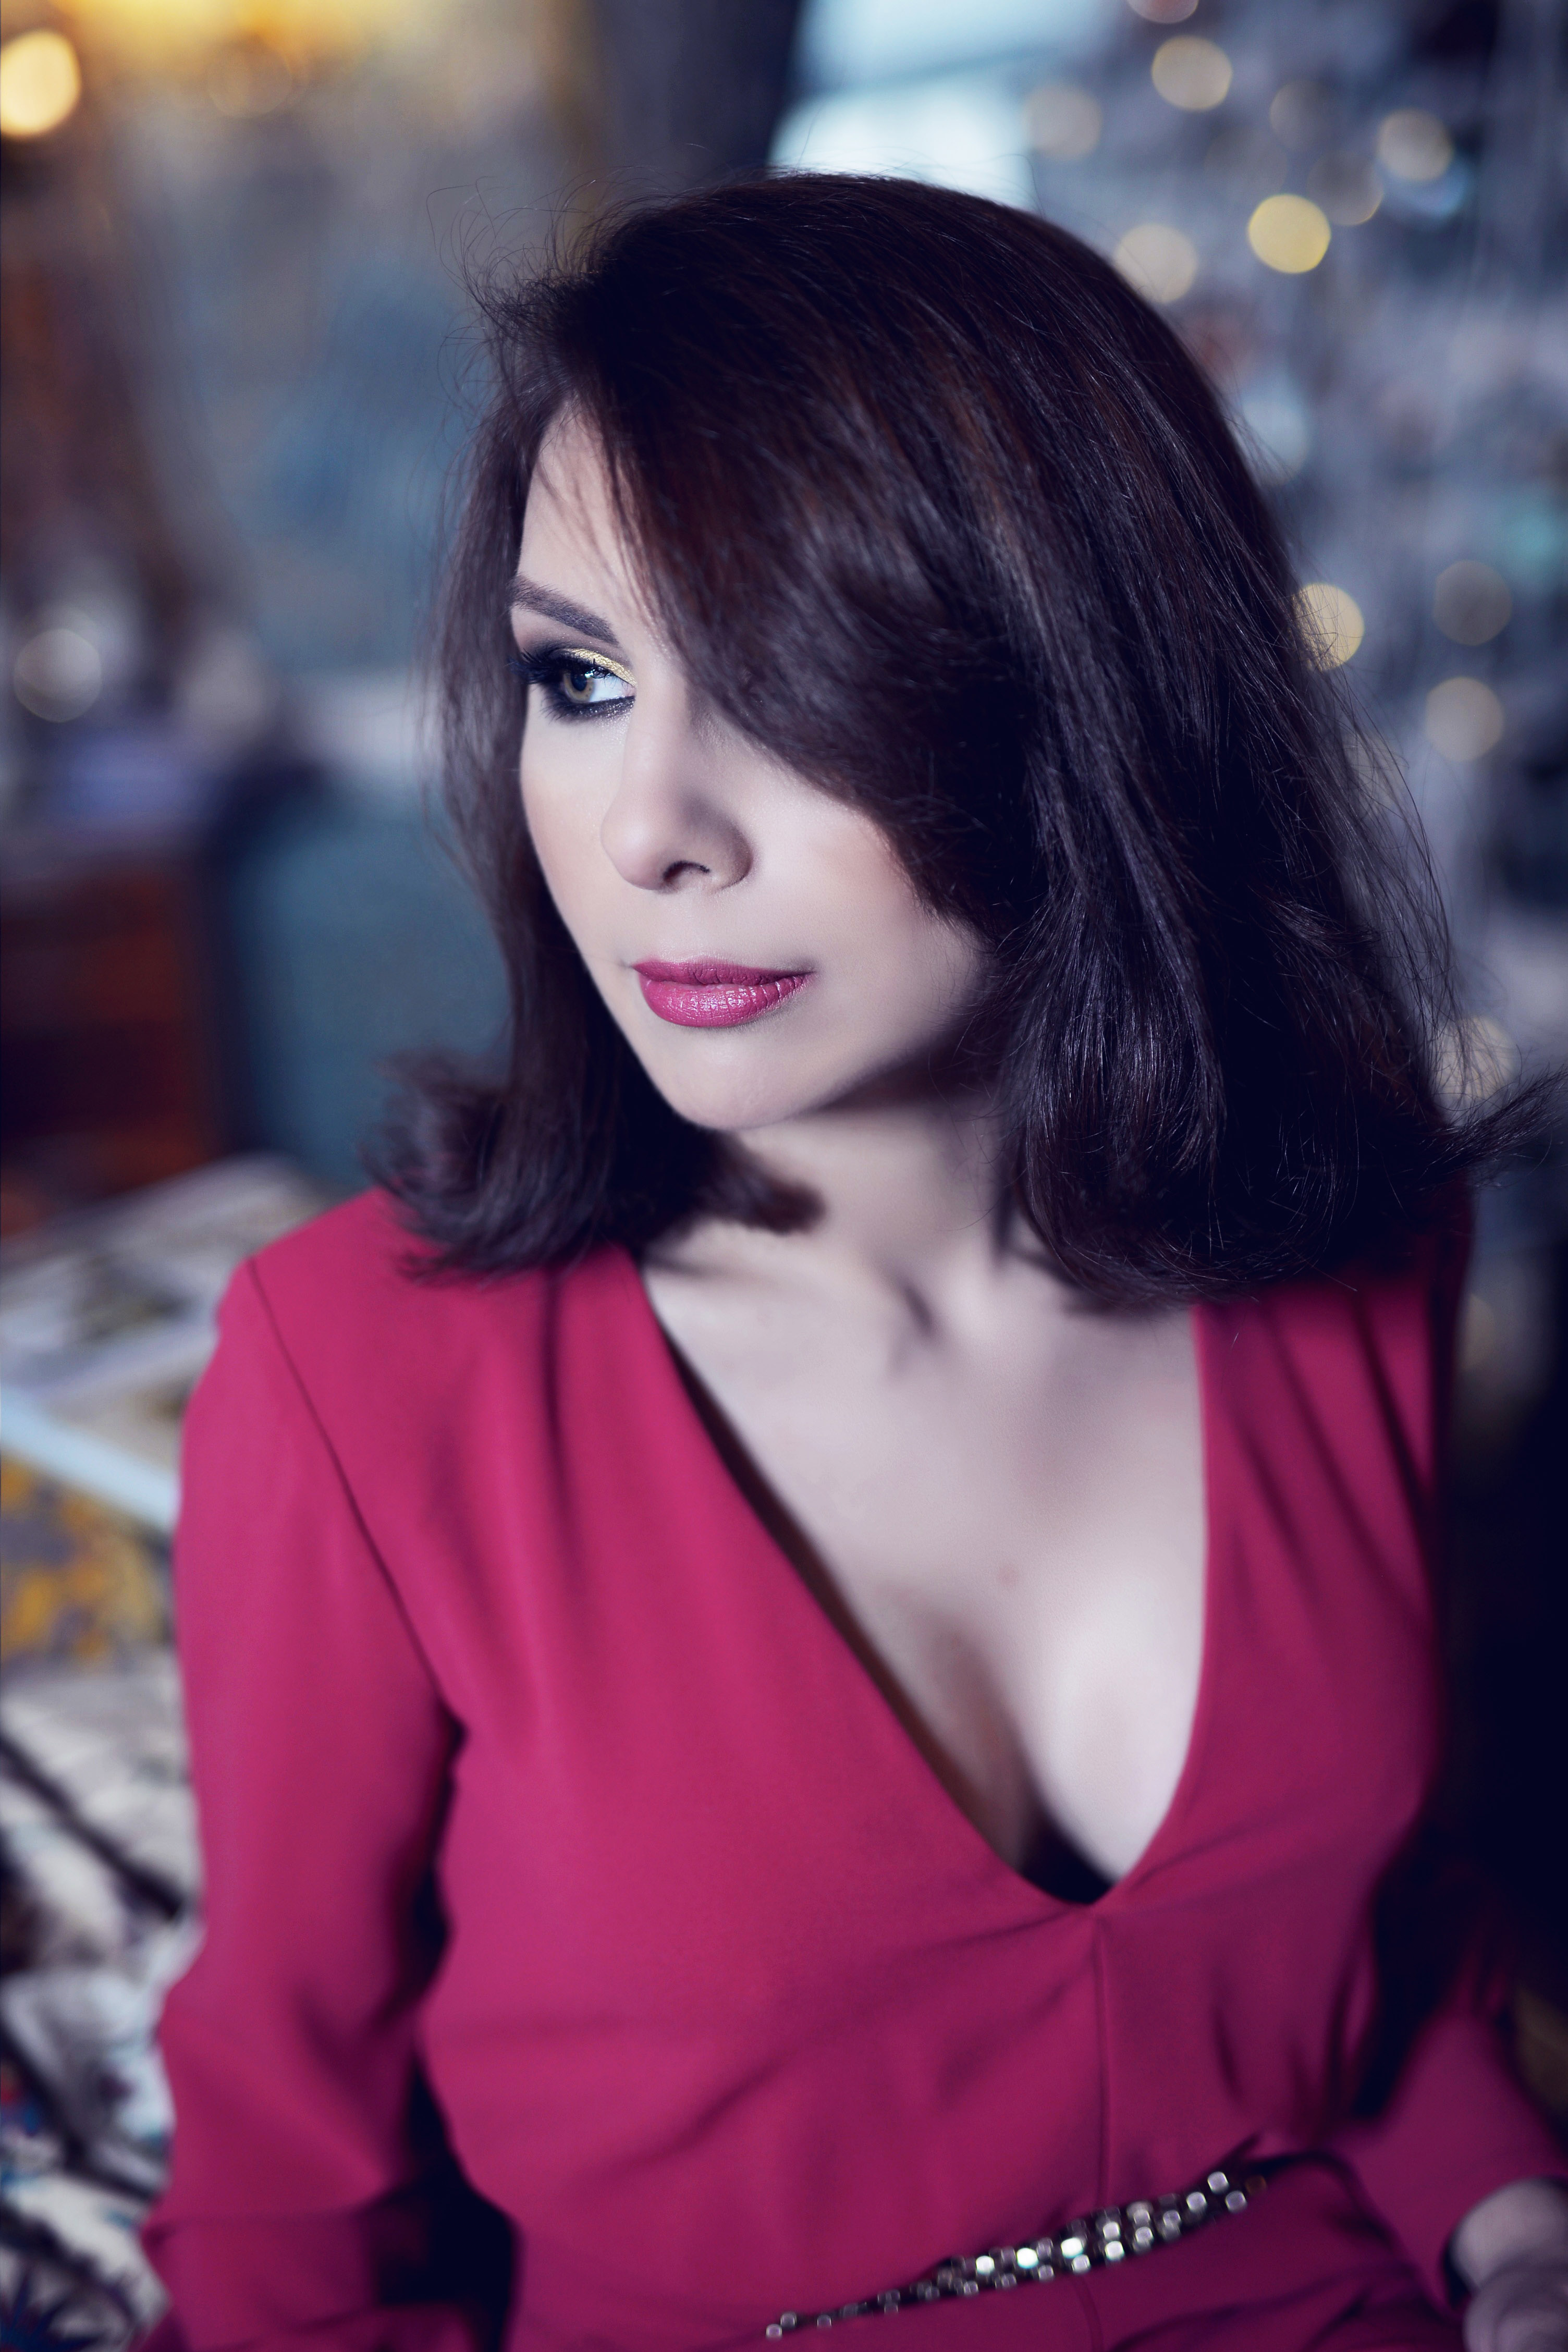 Frumusetea pentru femei – presiune sociala sau doar ego?